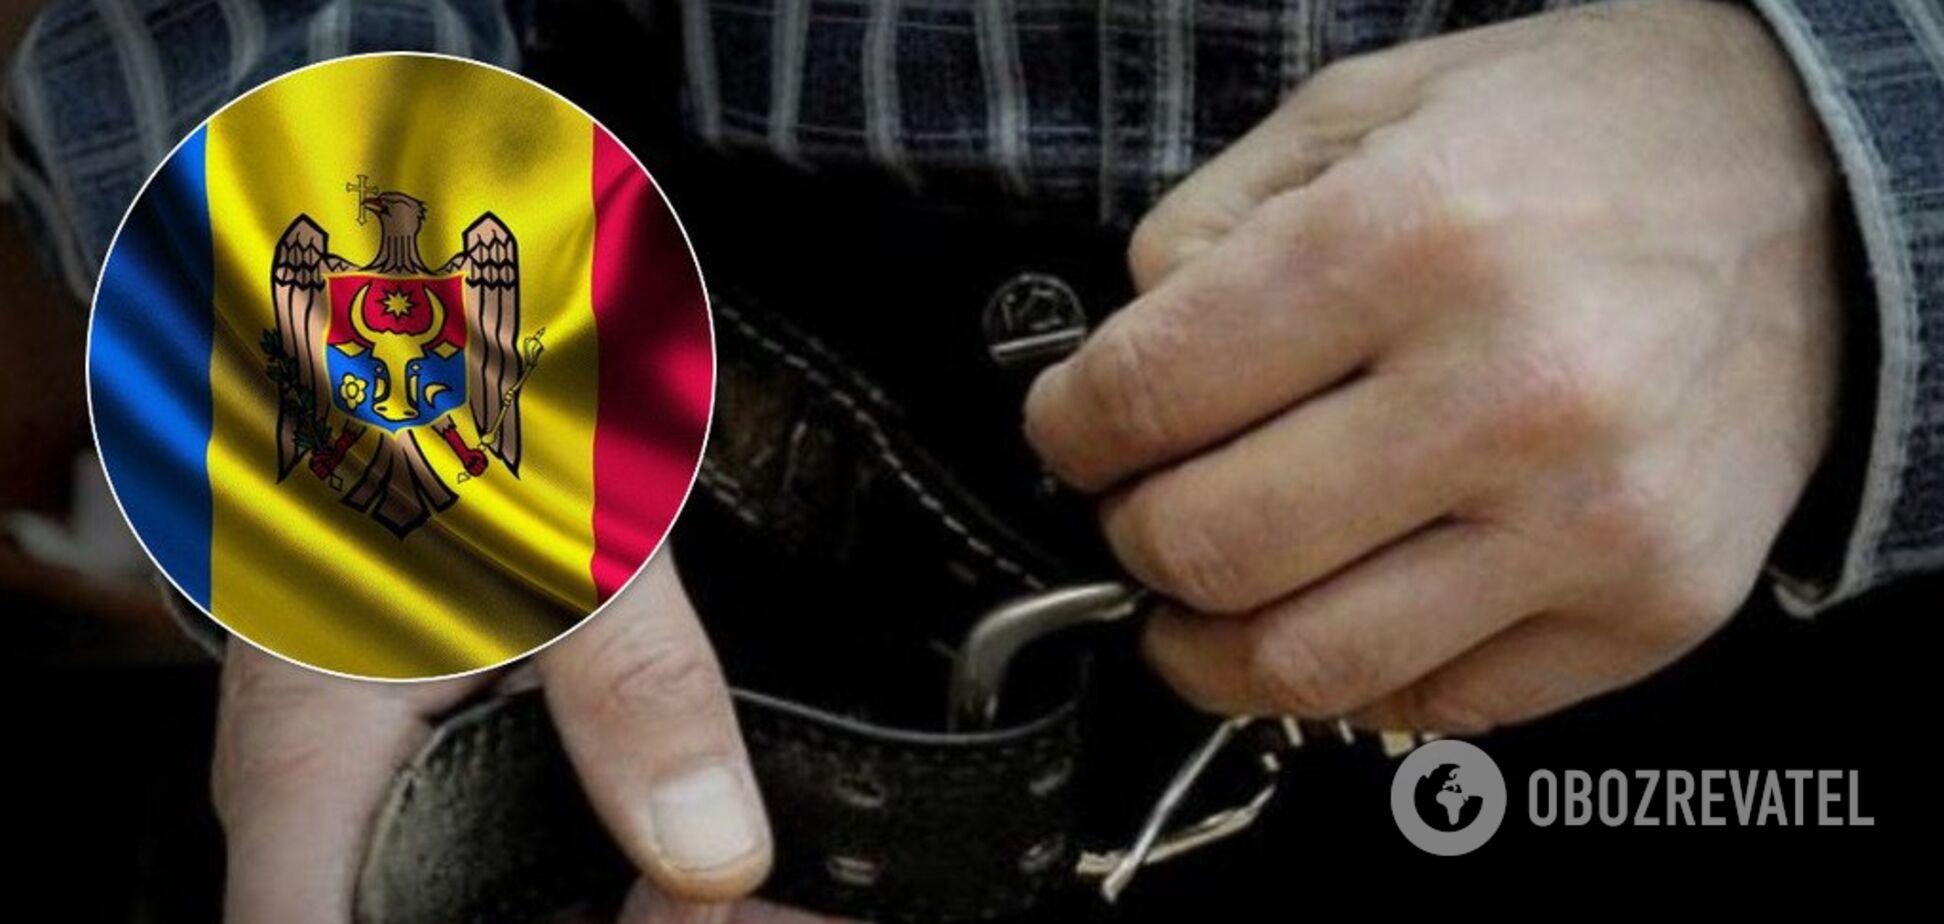 Співробітника консульства України в Бельцях підозрюють у зґвалтуванні